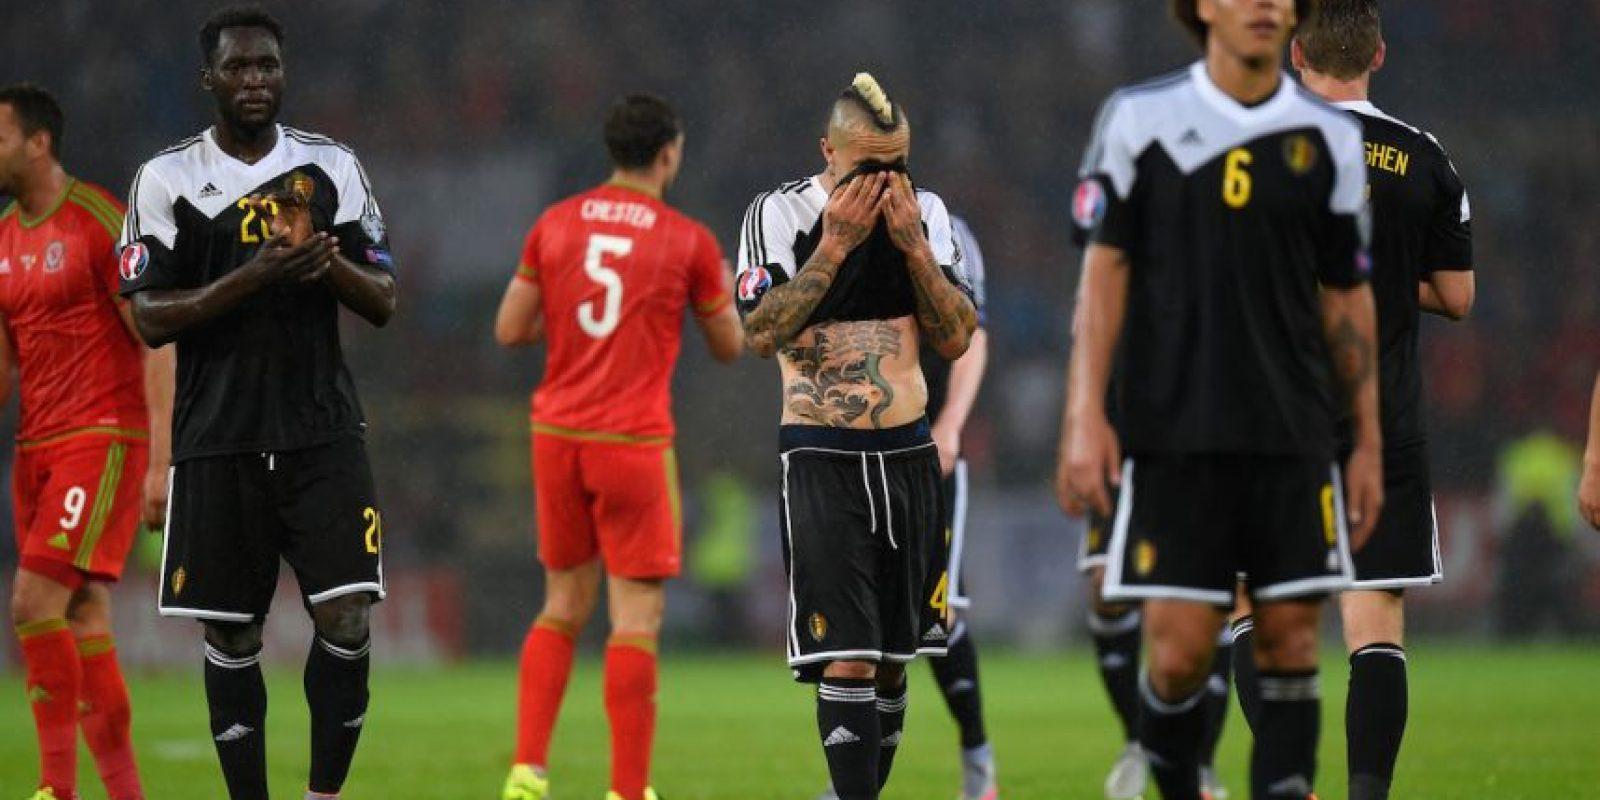 """Es el mismo caso de los """"Red Devils"""" que con una victoria estarán en la Eurocopa ya sea como primero o segundo lugar del grupo B. Foto:Getty Images"""